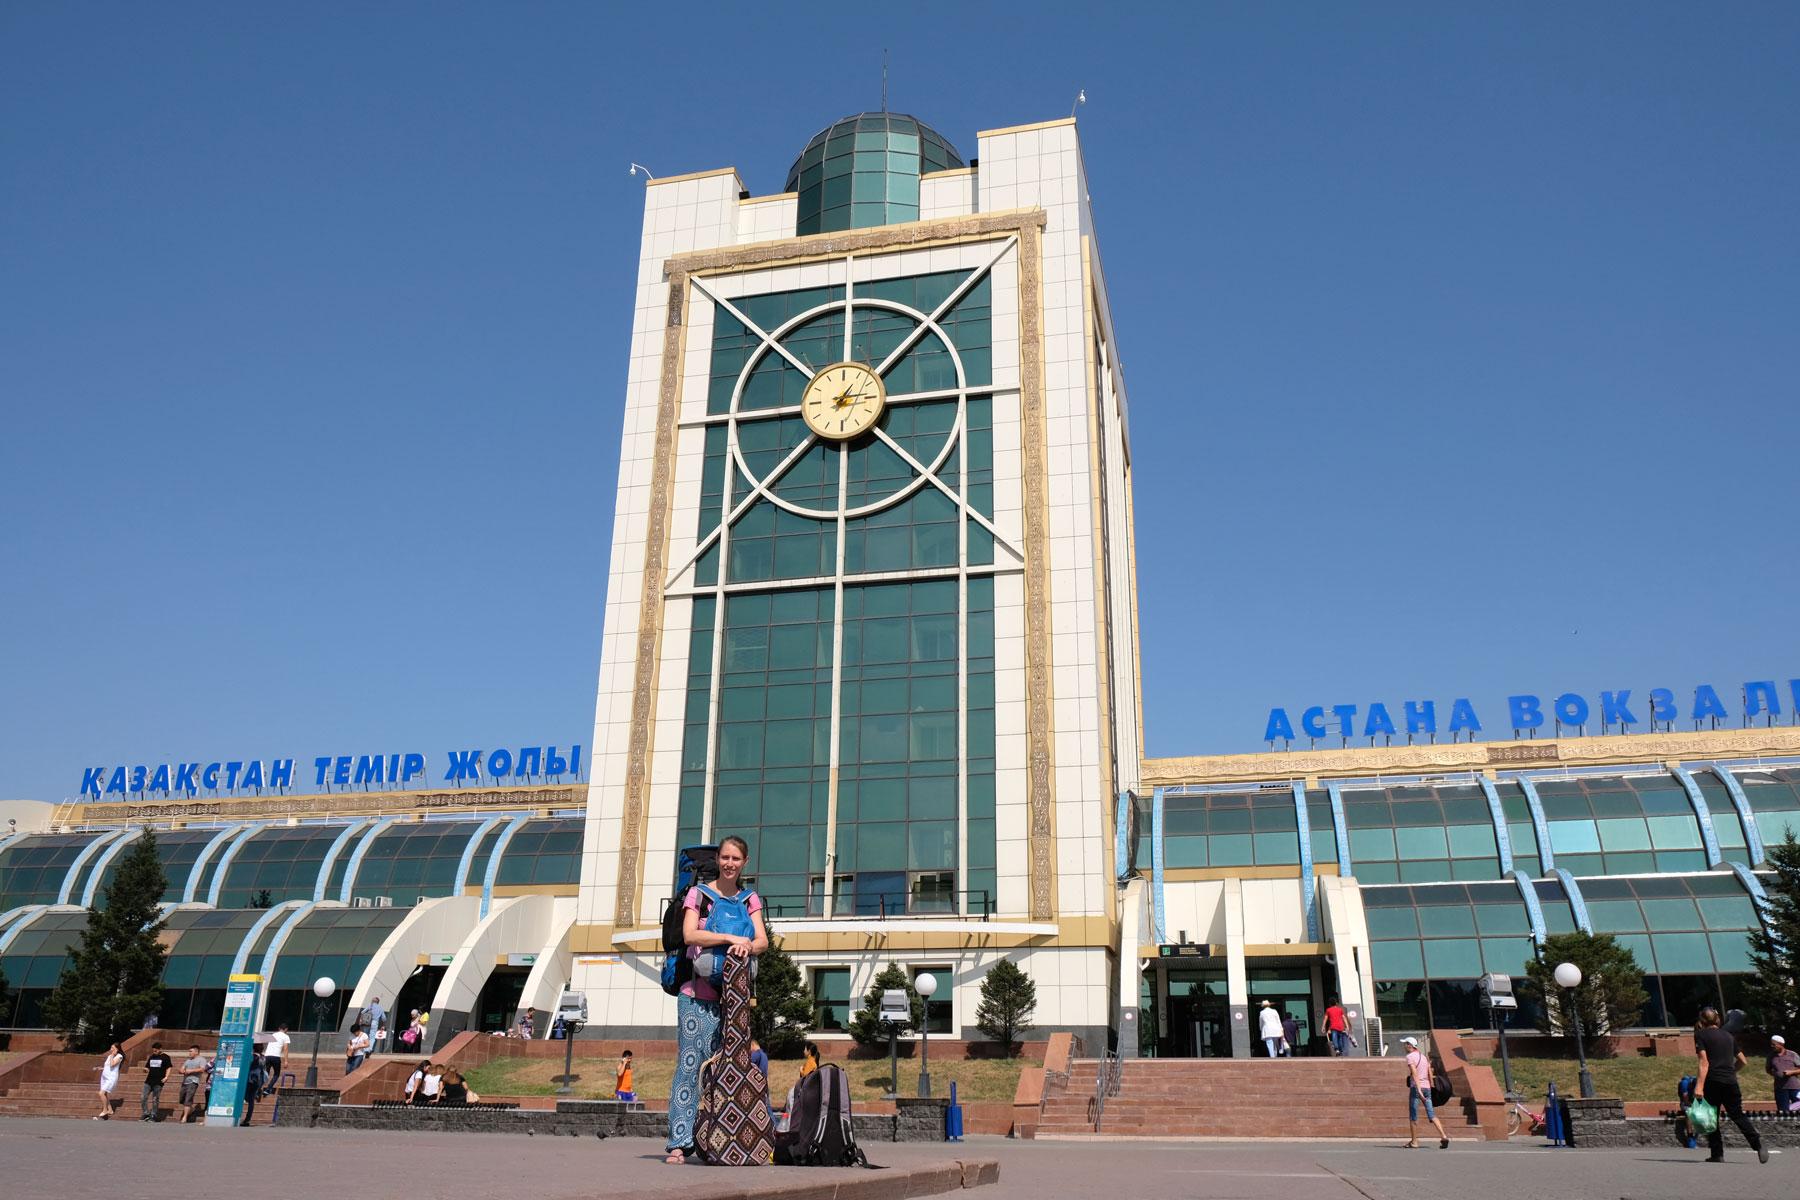 Am nächsten Morgen kommen wir am Bahnhof von Astana an.